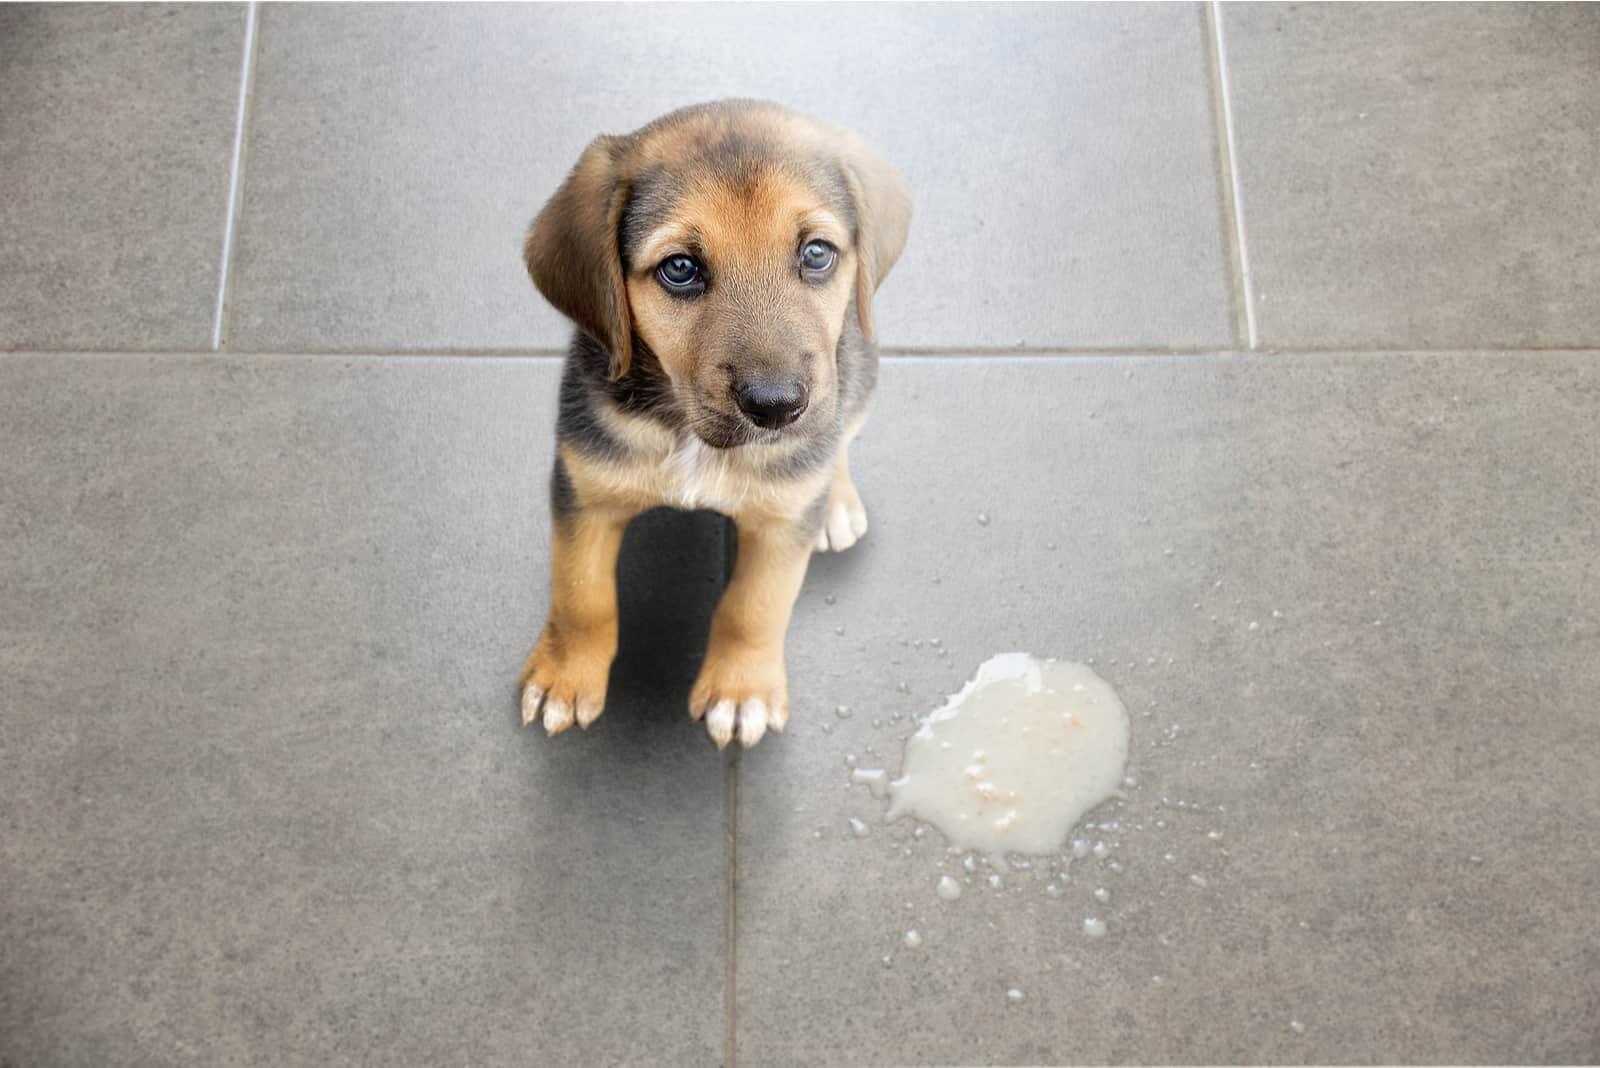 Hundekot im Wohnzimmer auf dem Boden